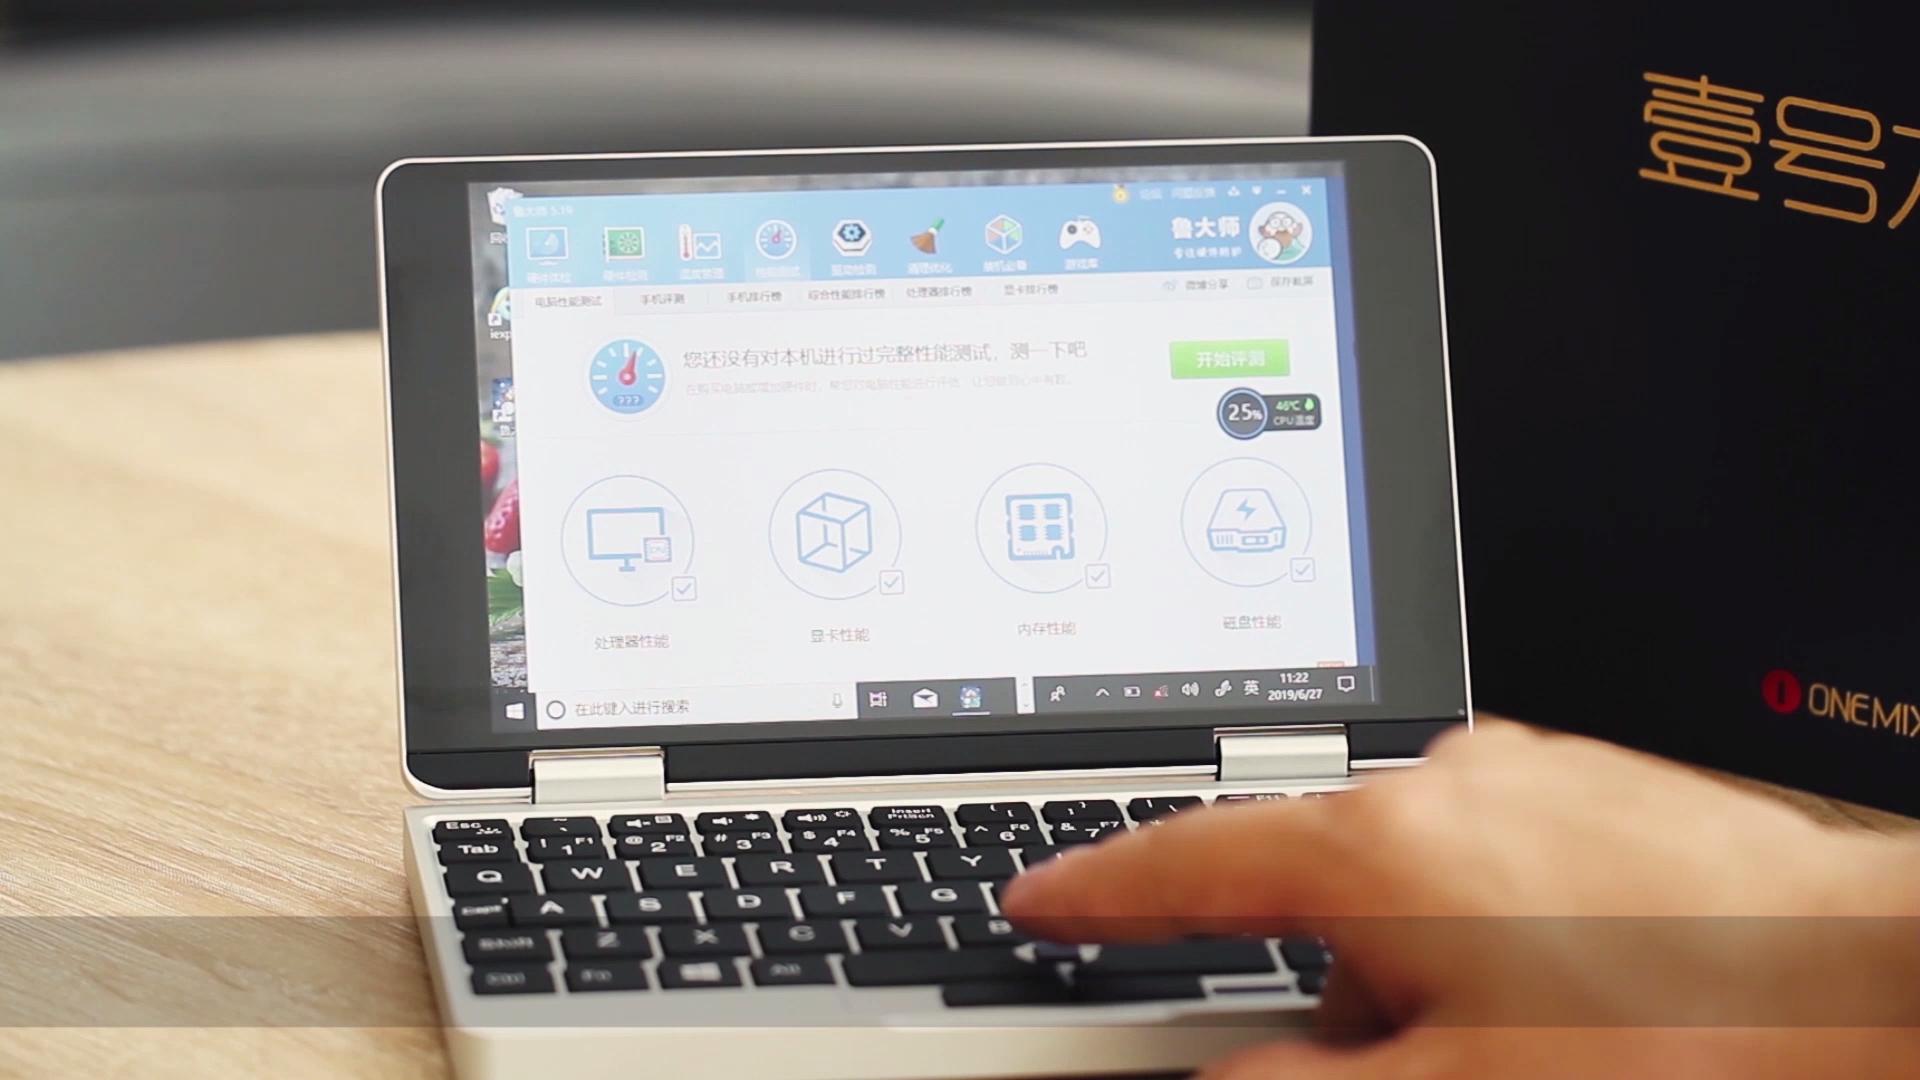 One Netbook One Mix3 프로 포켓 태블릿 PC 16GB/512GB PCI-E SSD 8.4 인치 휴대용 휴대용 게임 노트북